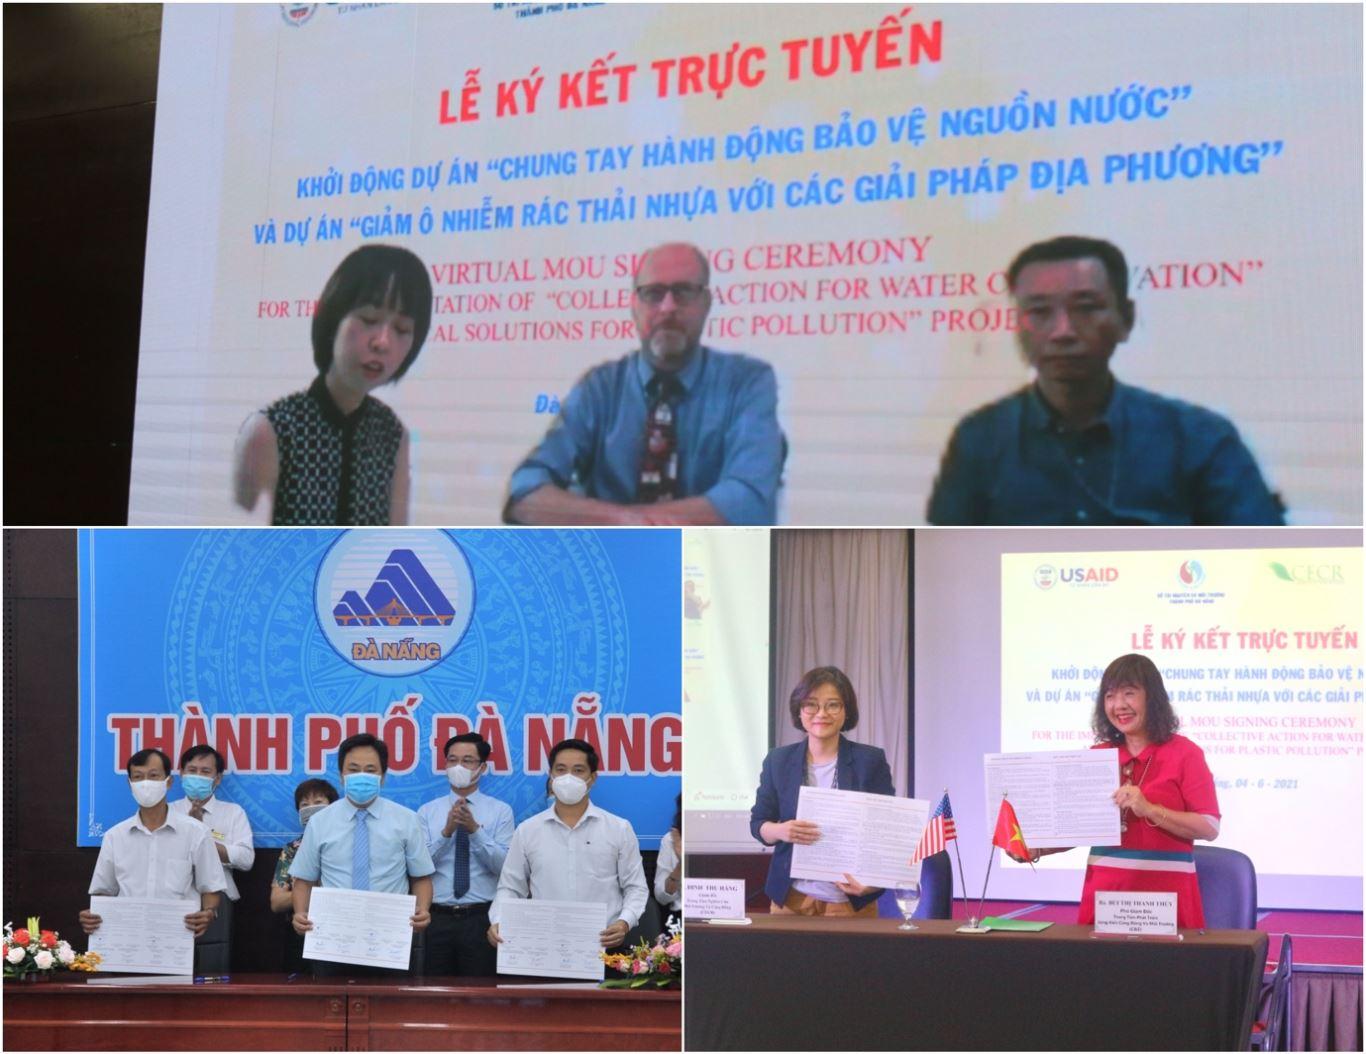 Lễ ký kết Biên bản ghi nhớ tại 3 điểm cầu: Trụ sở USAID Việt Nam, UBND TTP. Đà Nẵng và tại CECR